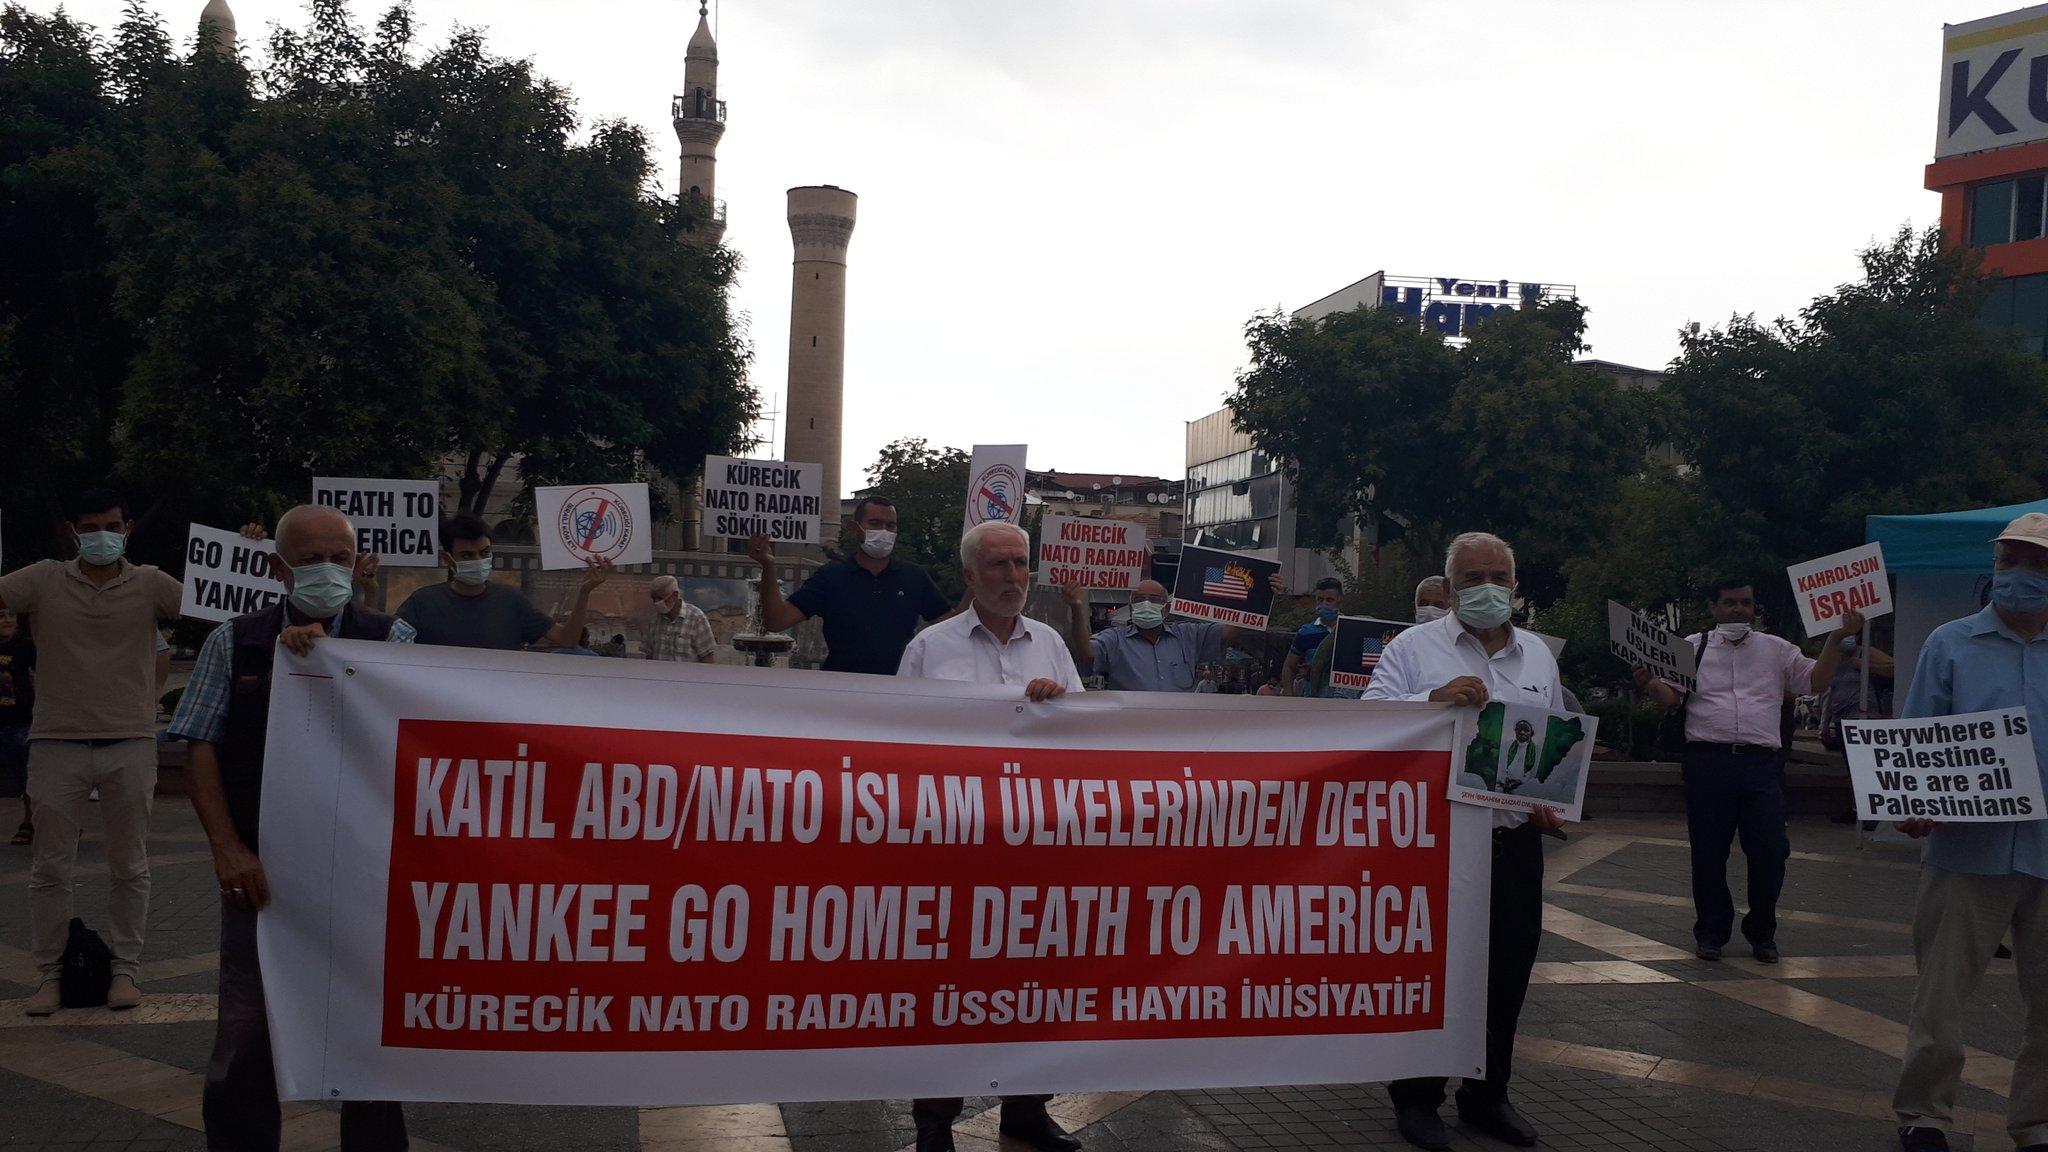 MALATYA'DA NATO'YA VE ÜSLERİNE HAYIR EYLEMİ DÜZENLENDİ/SİYONİST İSRAİL'İN LÜBNAN'A YÖNELİK SALDIRISI TELİN EDİLDİ (VİDEO-FOTO)